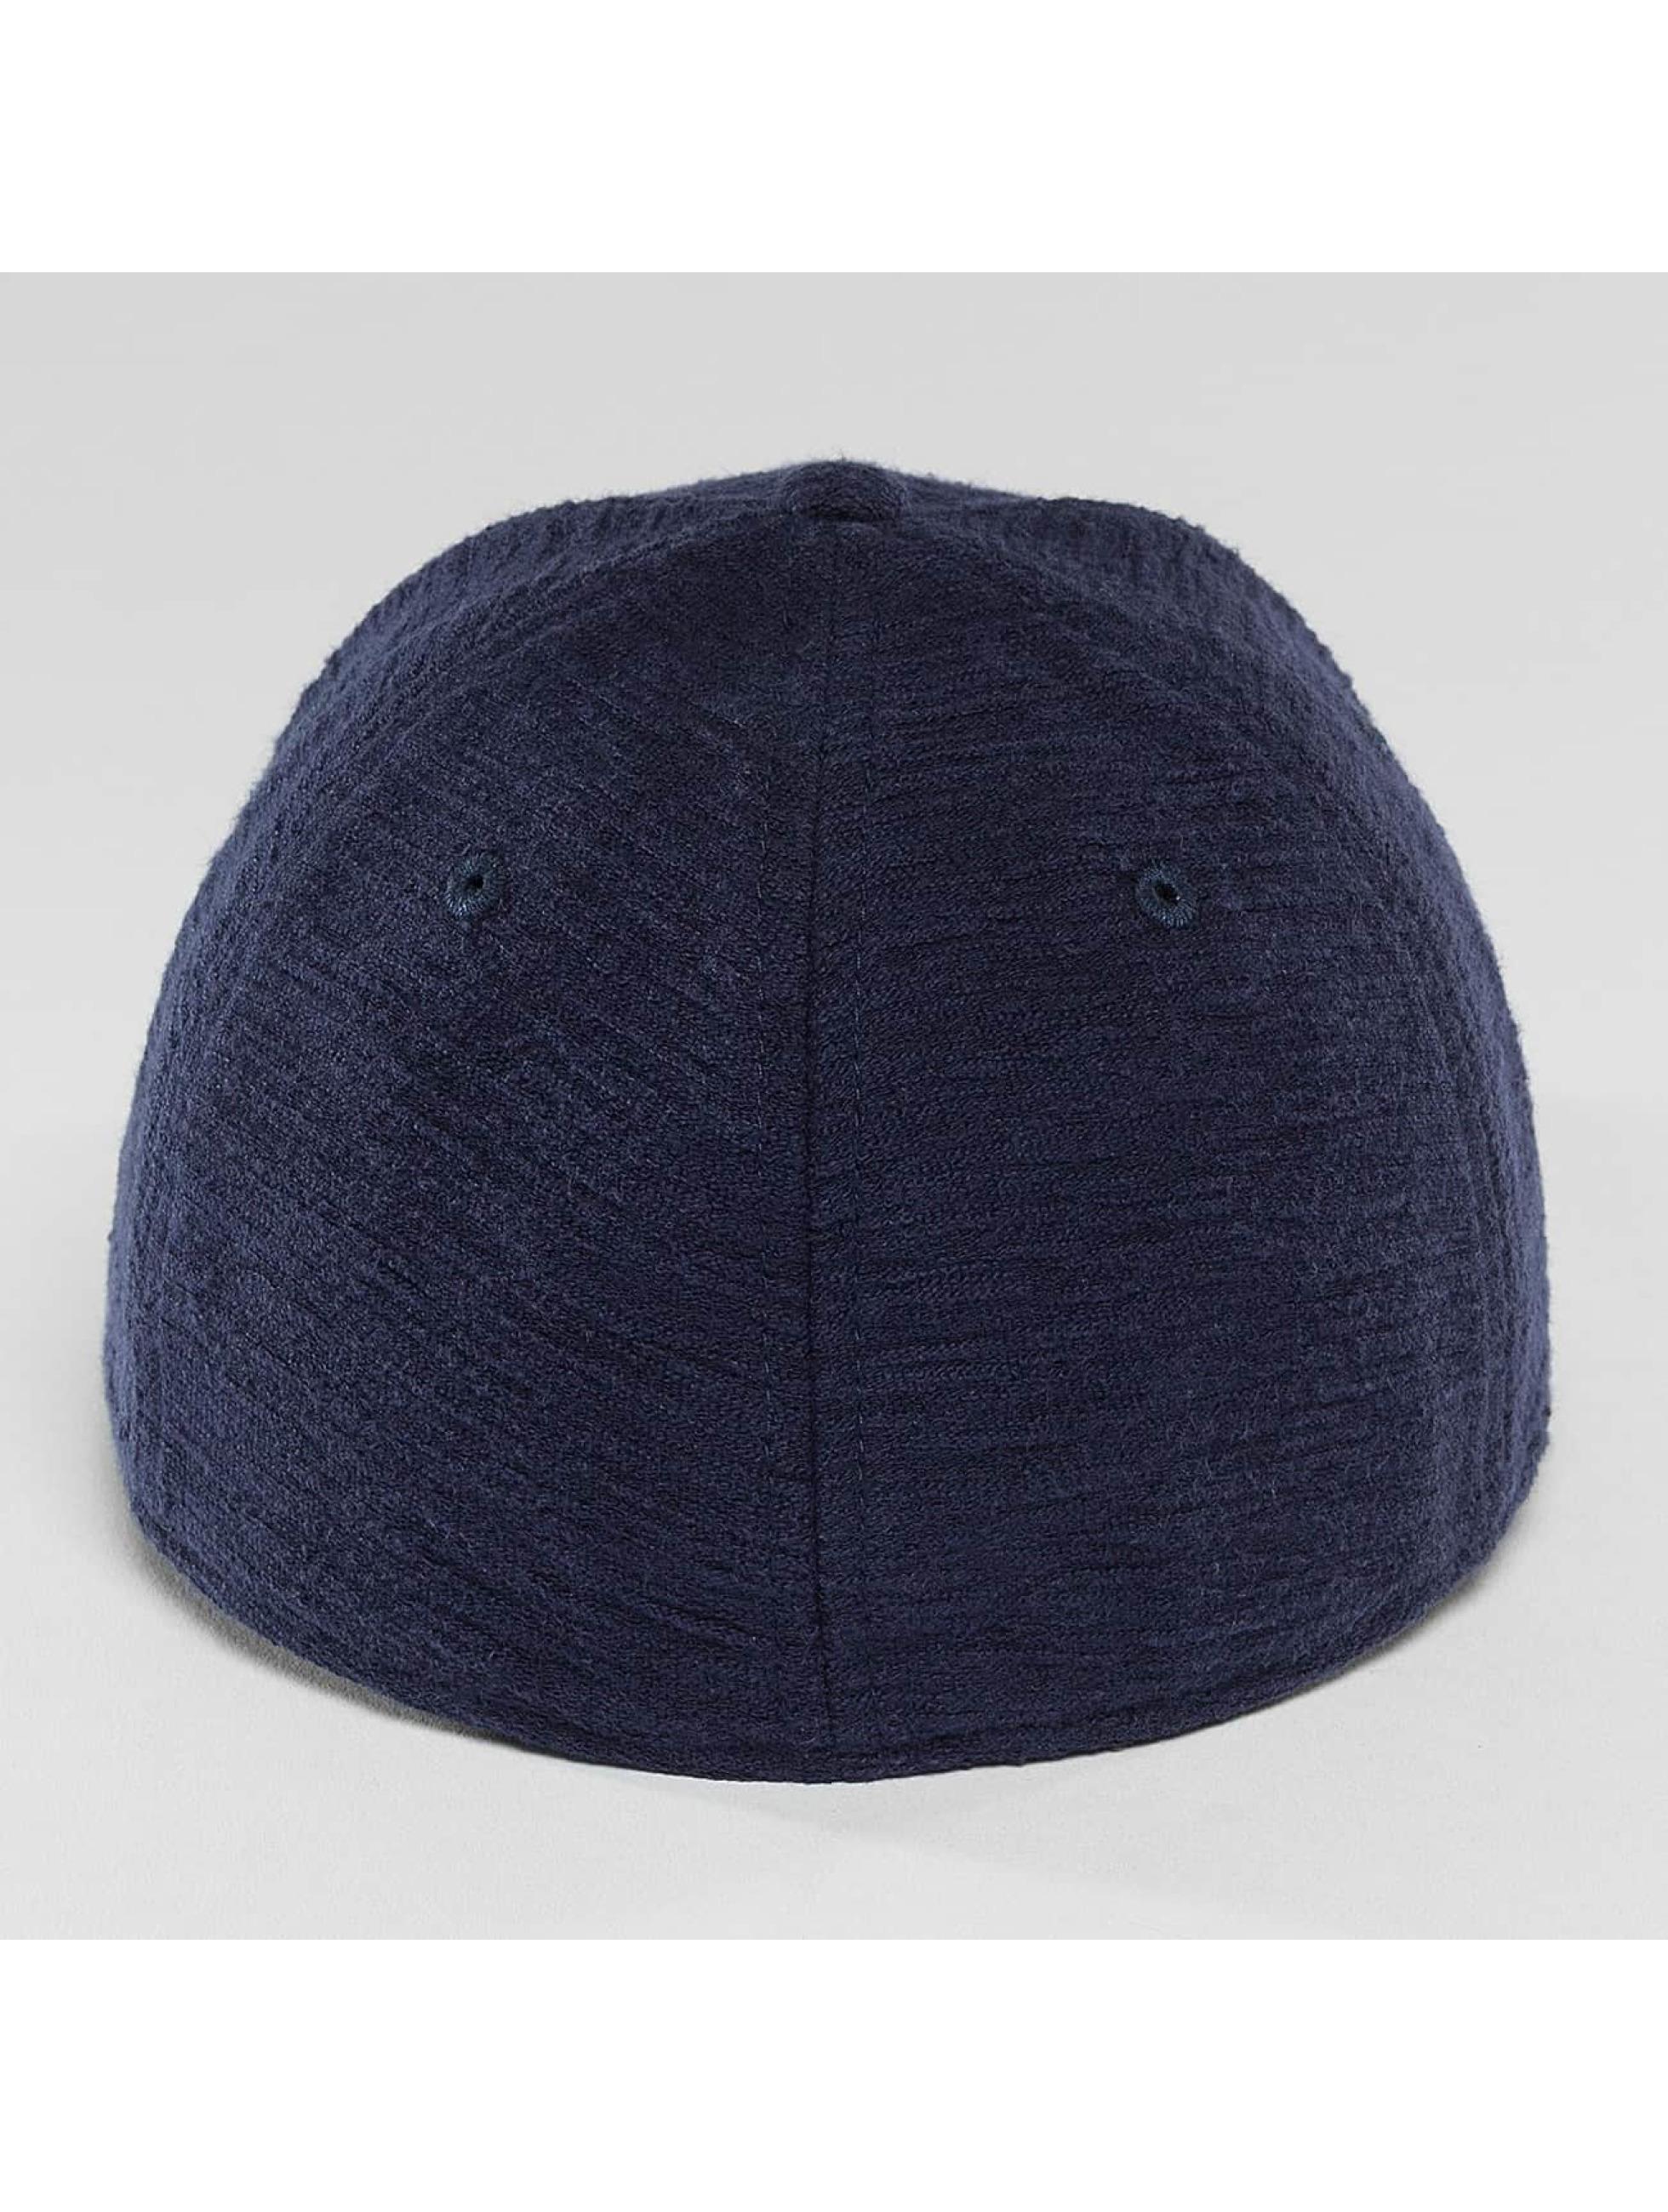 New Era Flexfitted Cap Slub 39Thirty blue